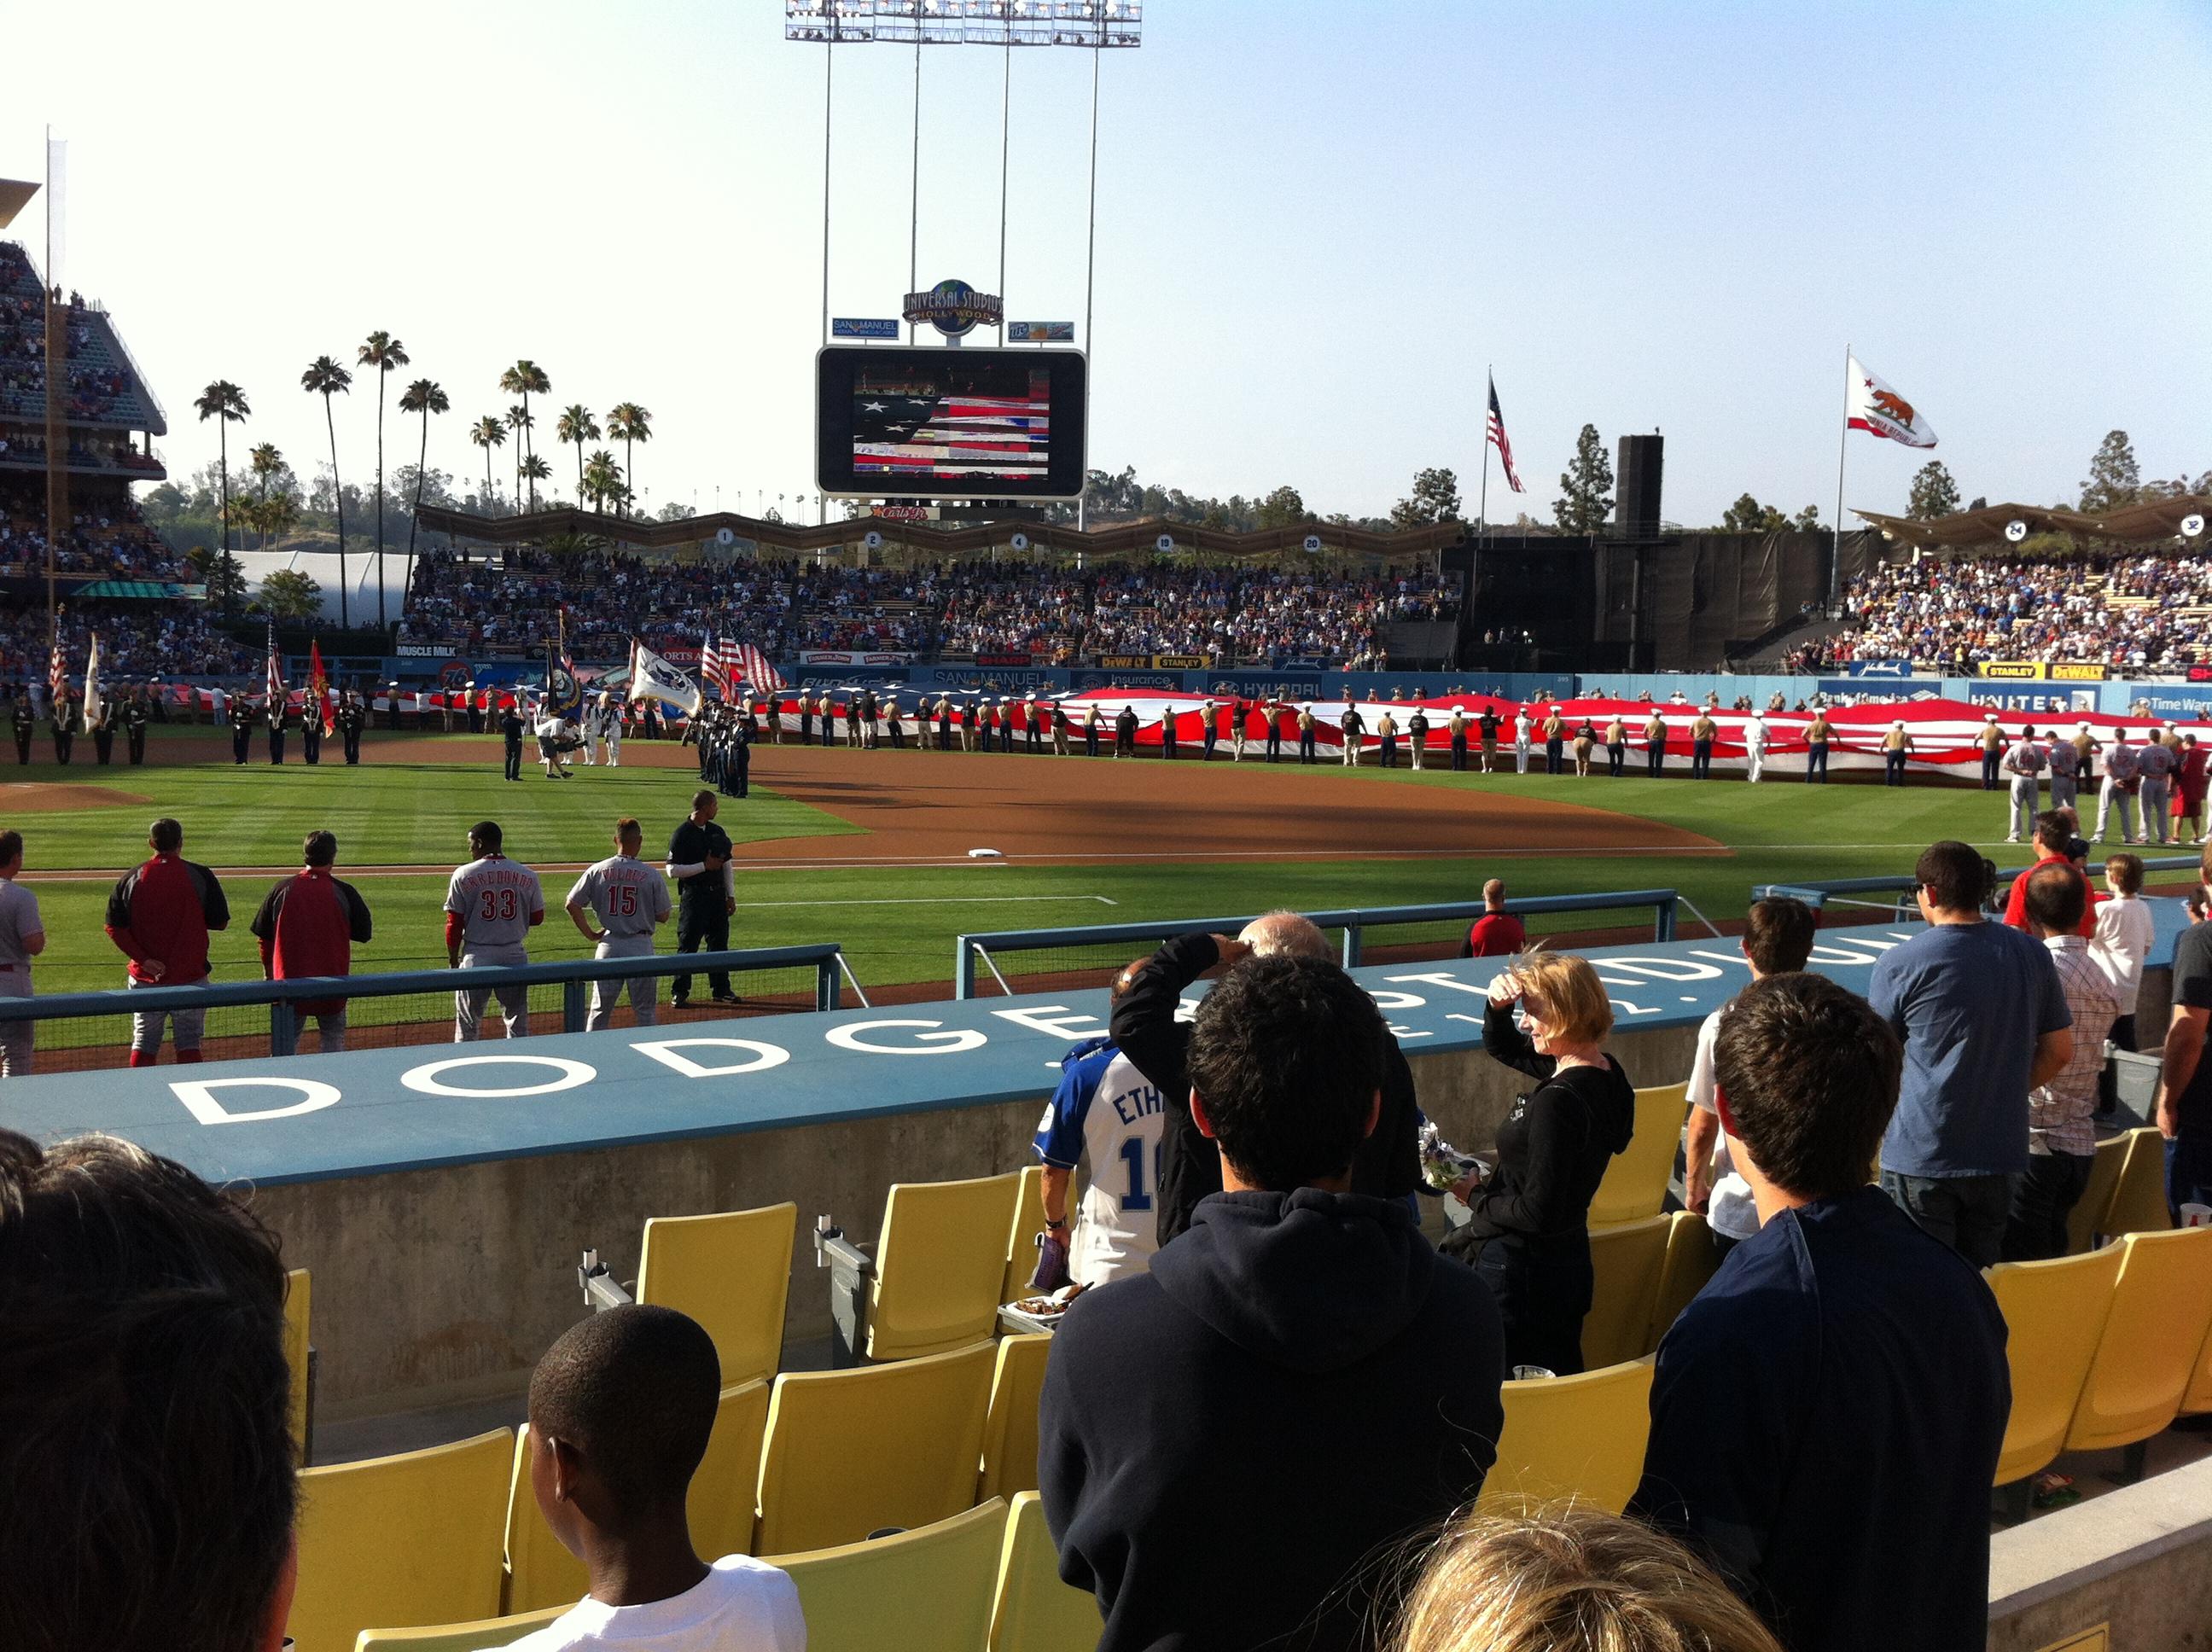 Dodger Stadium,west coast baseball tours,baseball tours